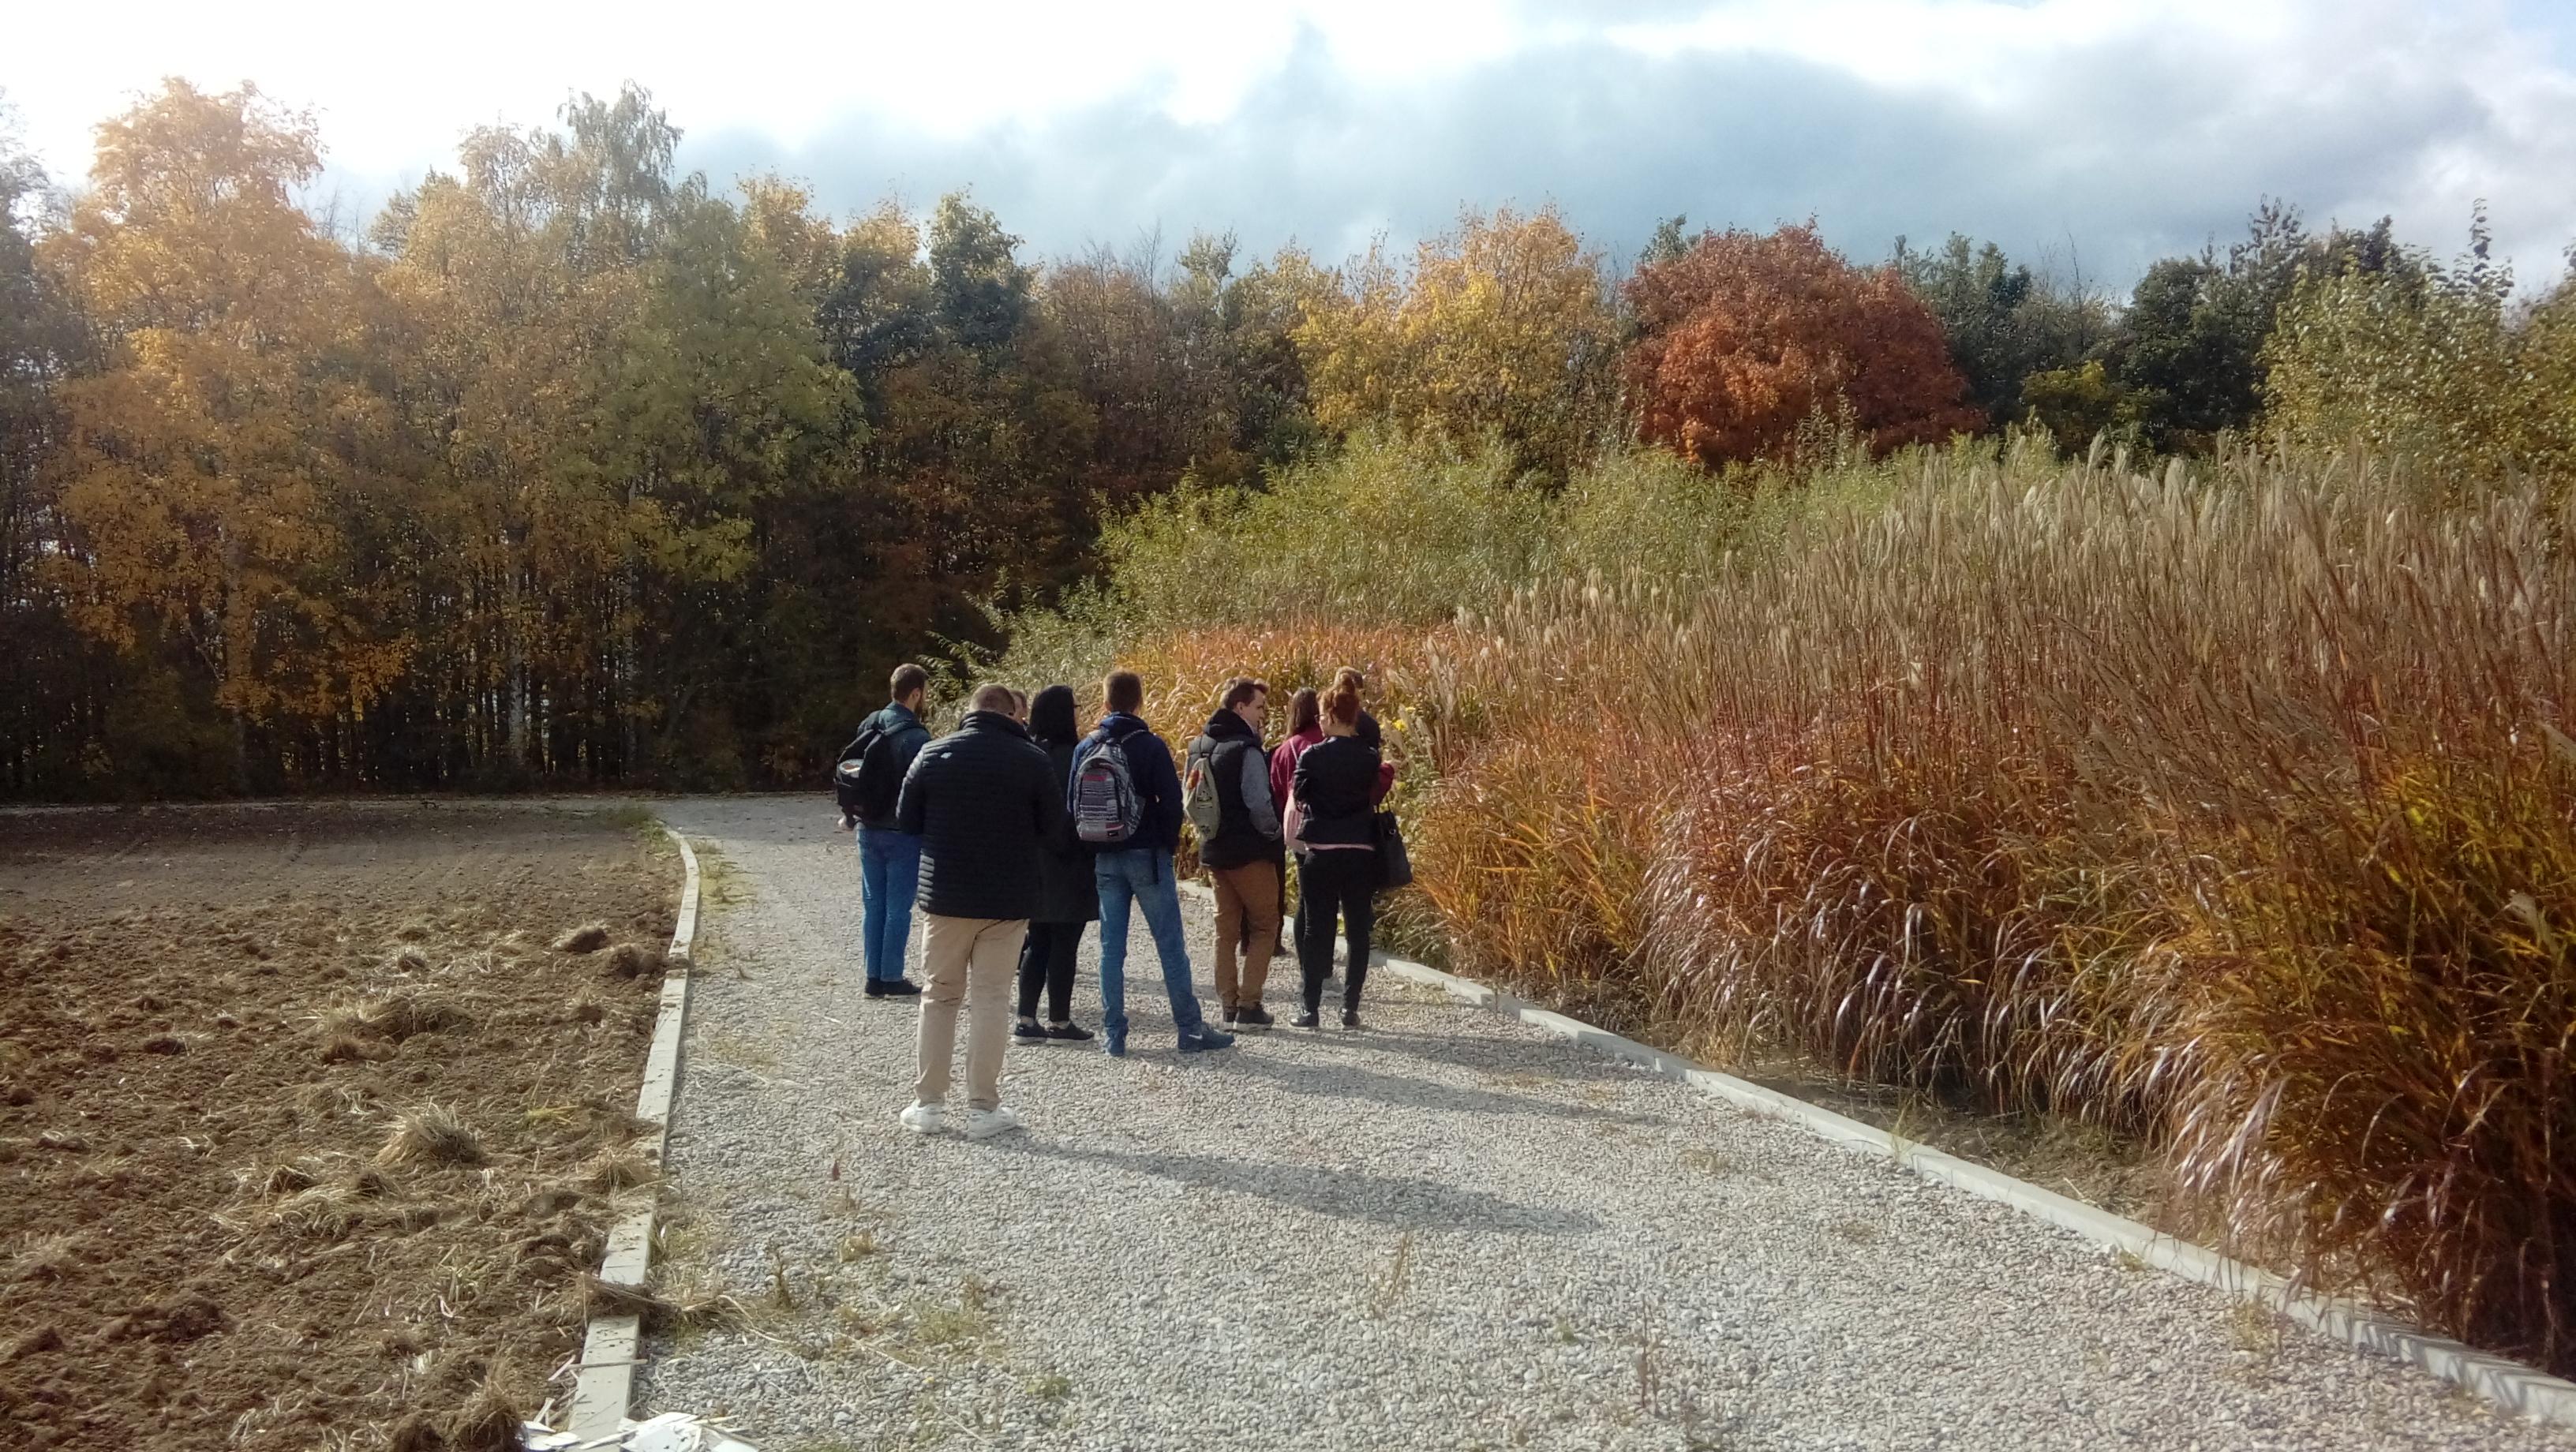 Jesienna edukacja w Ogrodzie Botanicznym KCRZG w Bydgoszczy